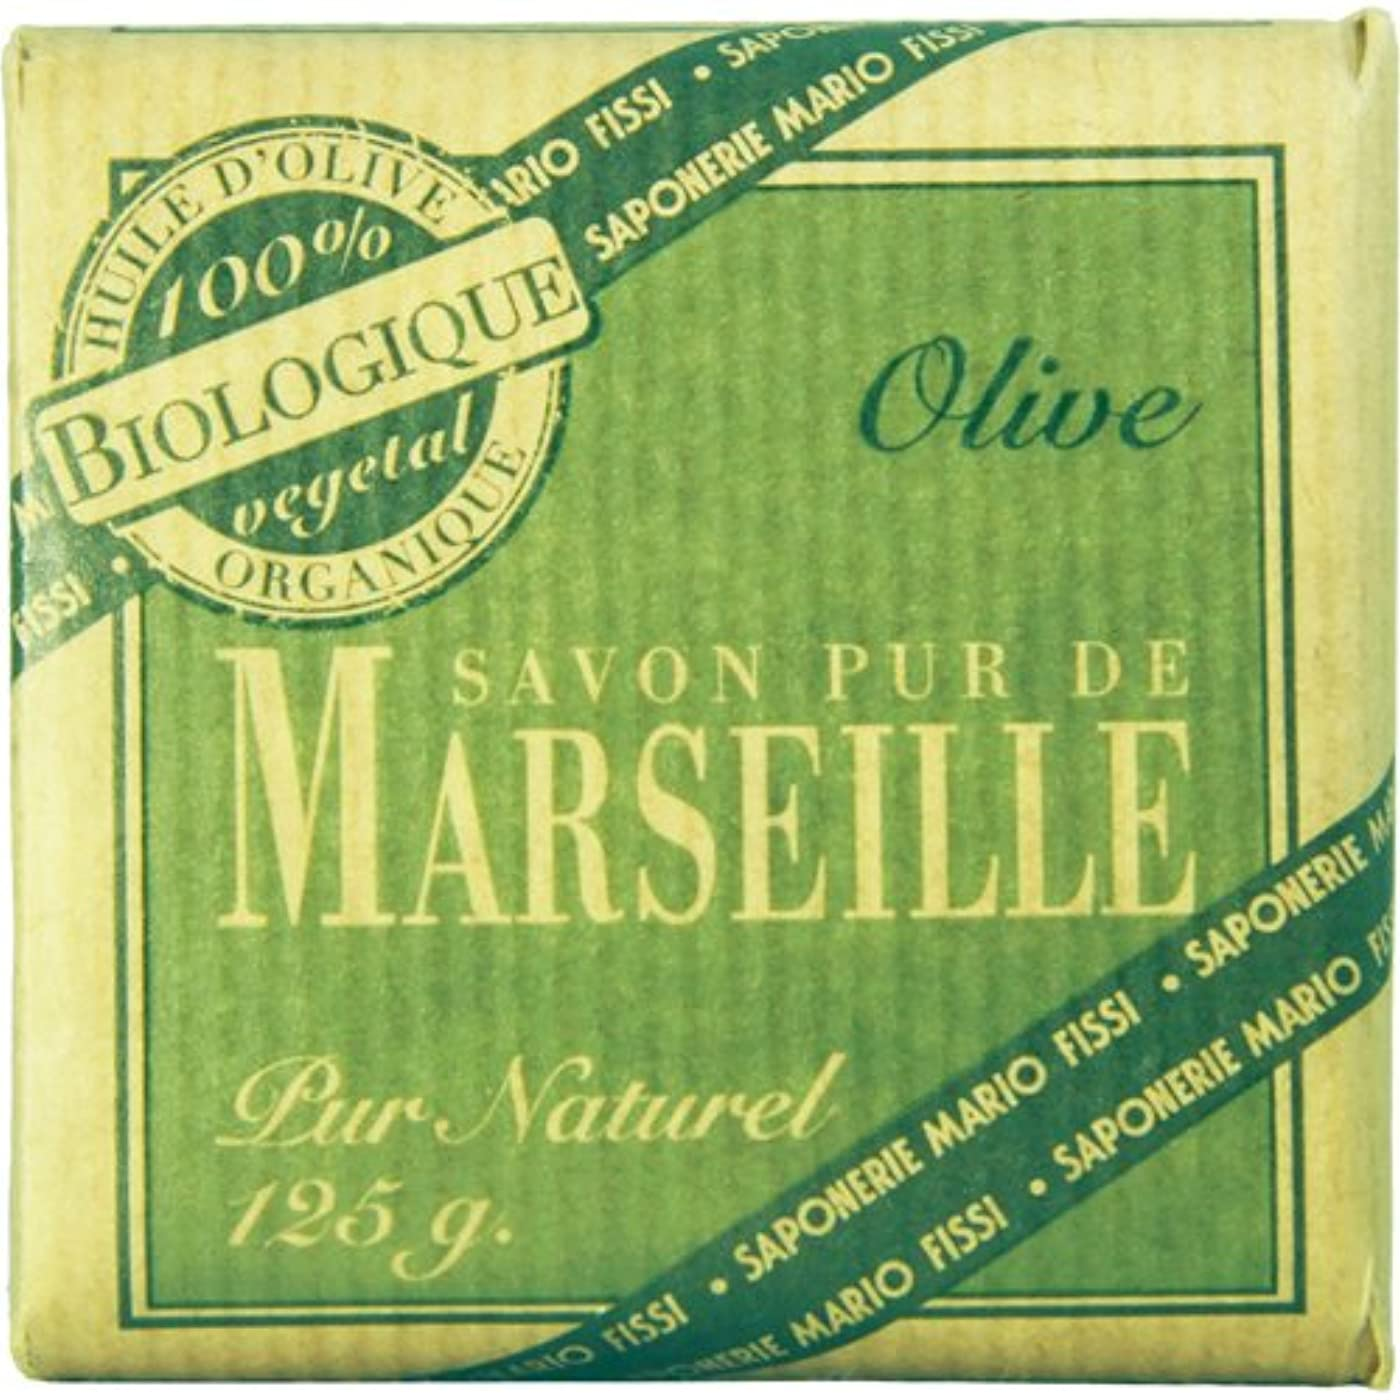 体水陸両用僕のSaponerire Fissi マルセイユシリーズ マルセイユソープ 125g Olive オリーブ